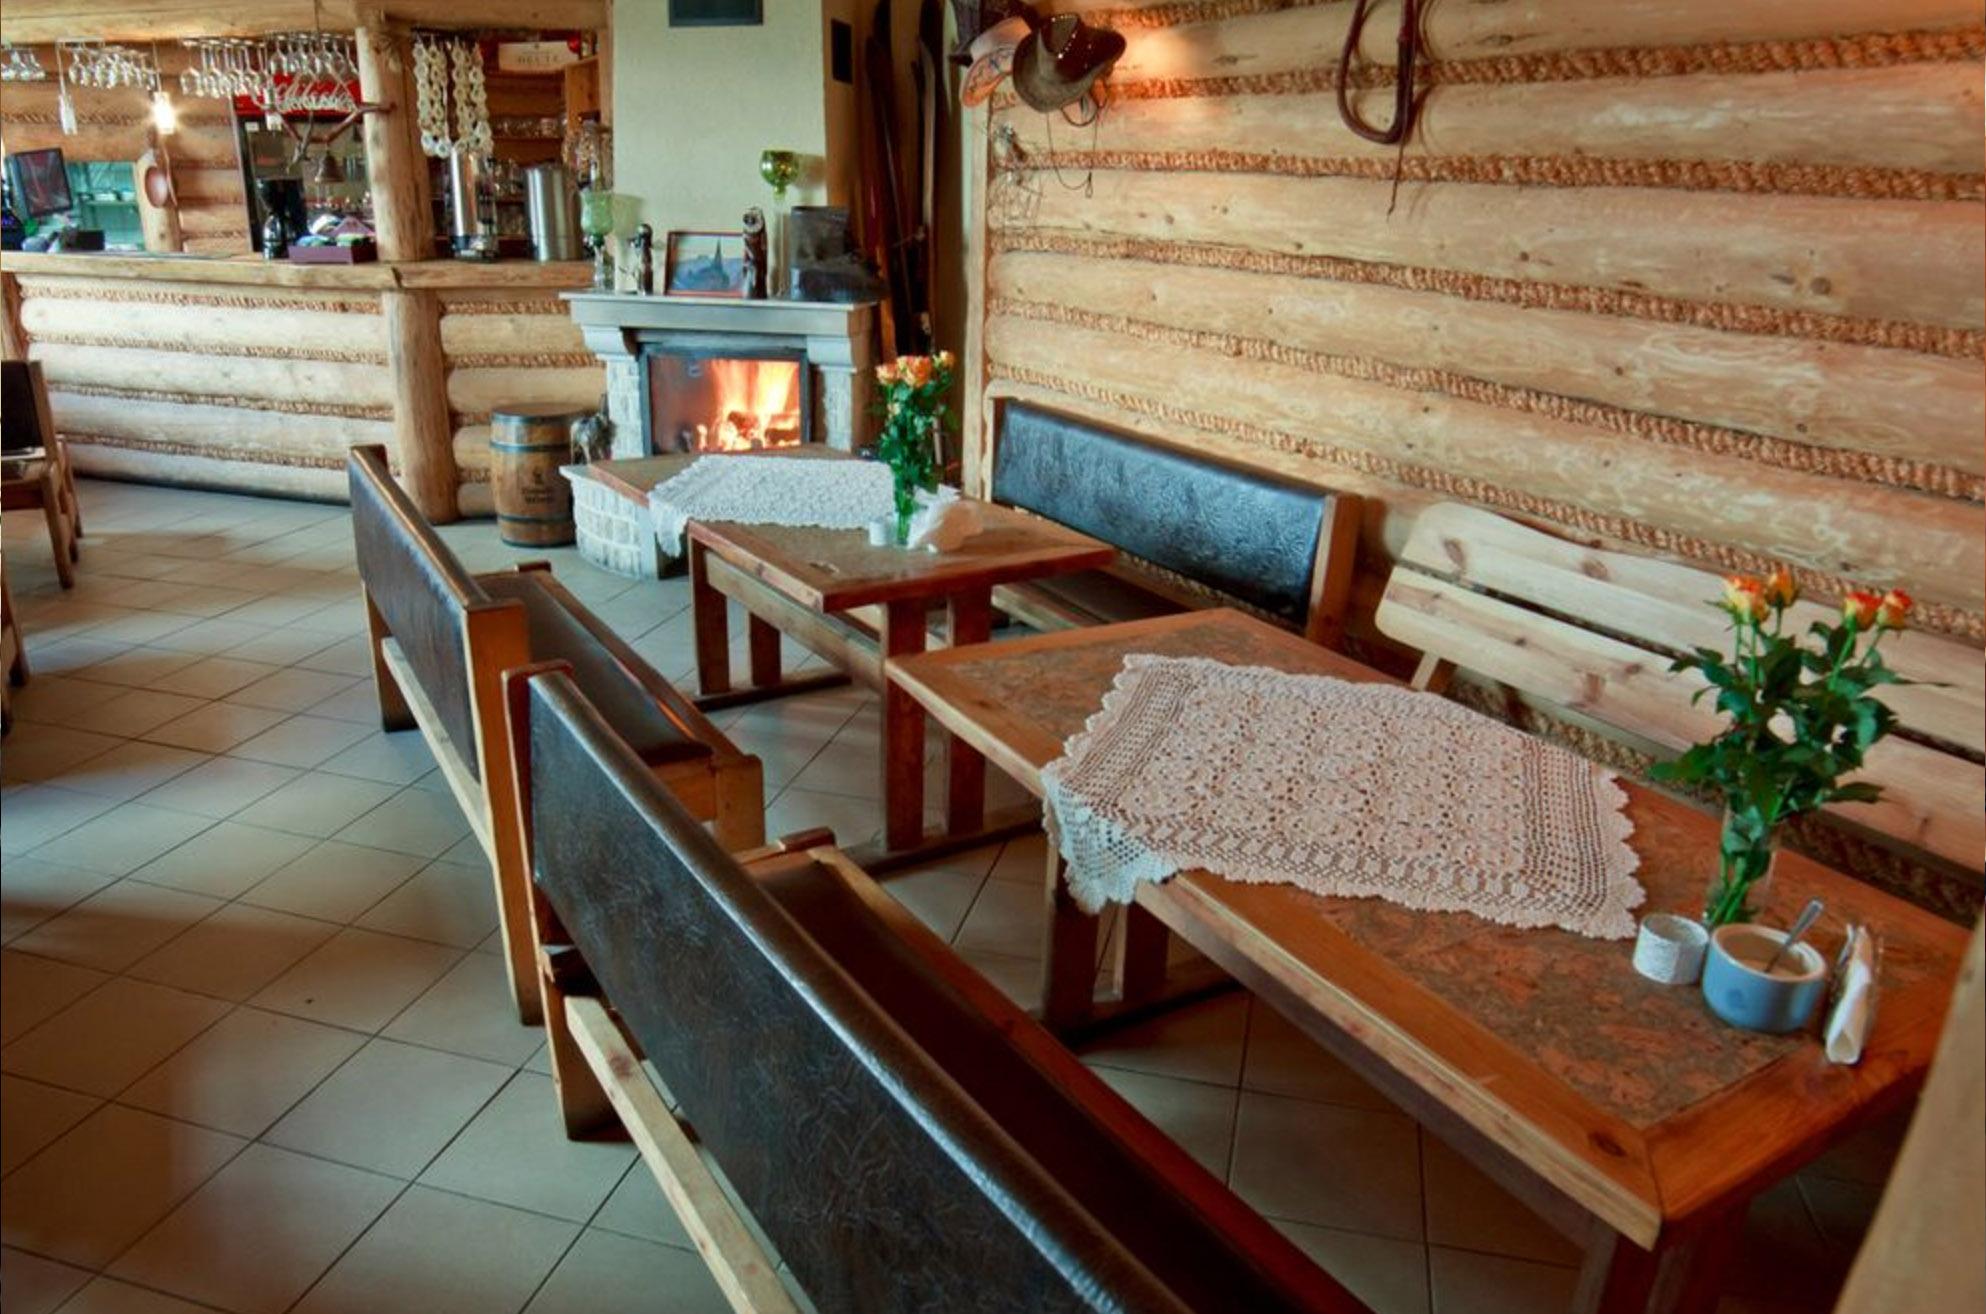 karczma-gryglowka-zieleniec-gastronomia-01